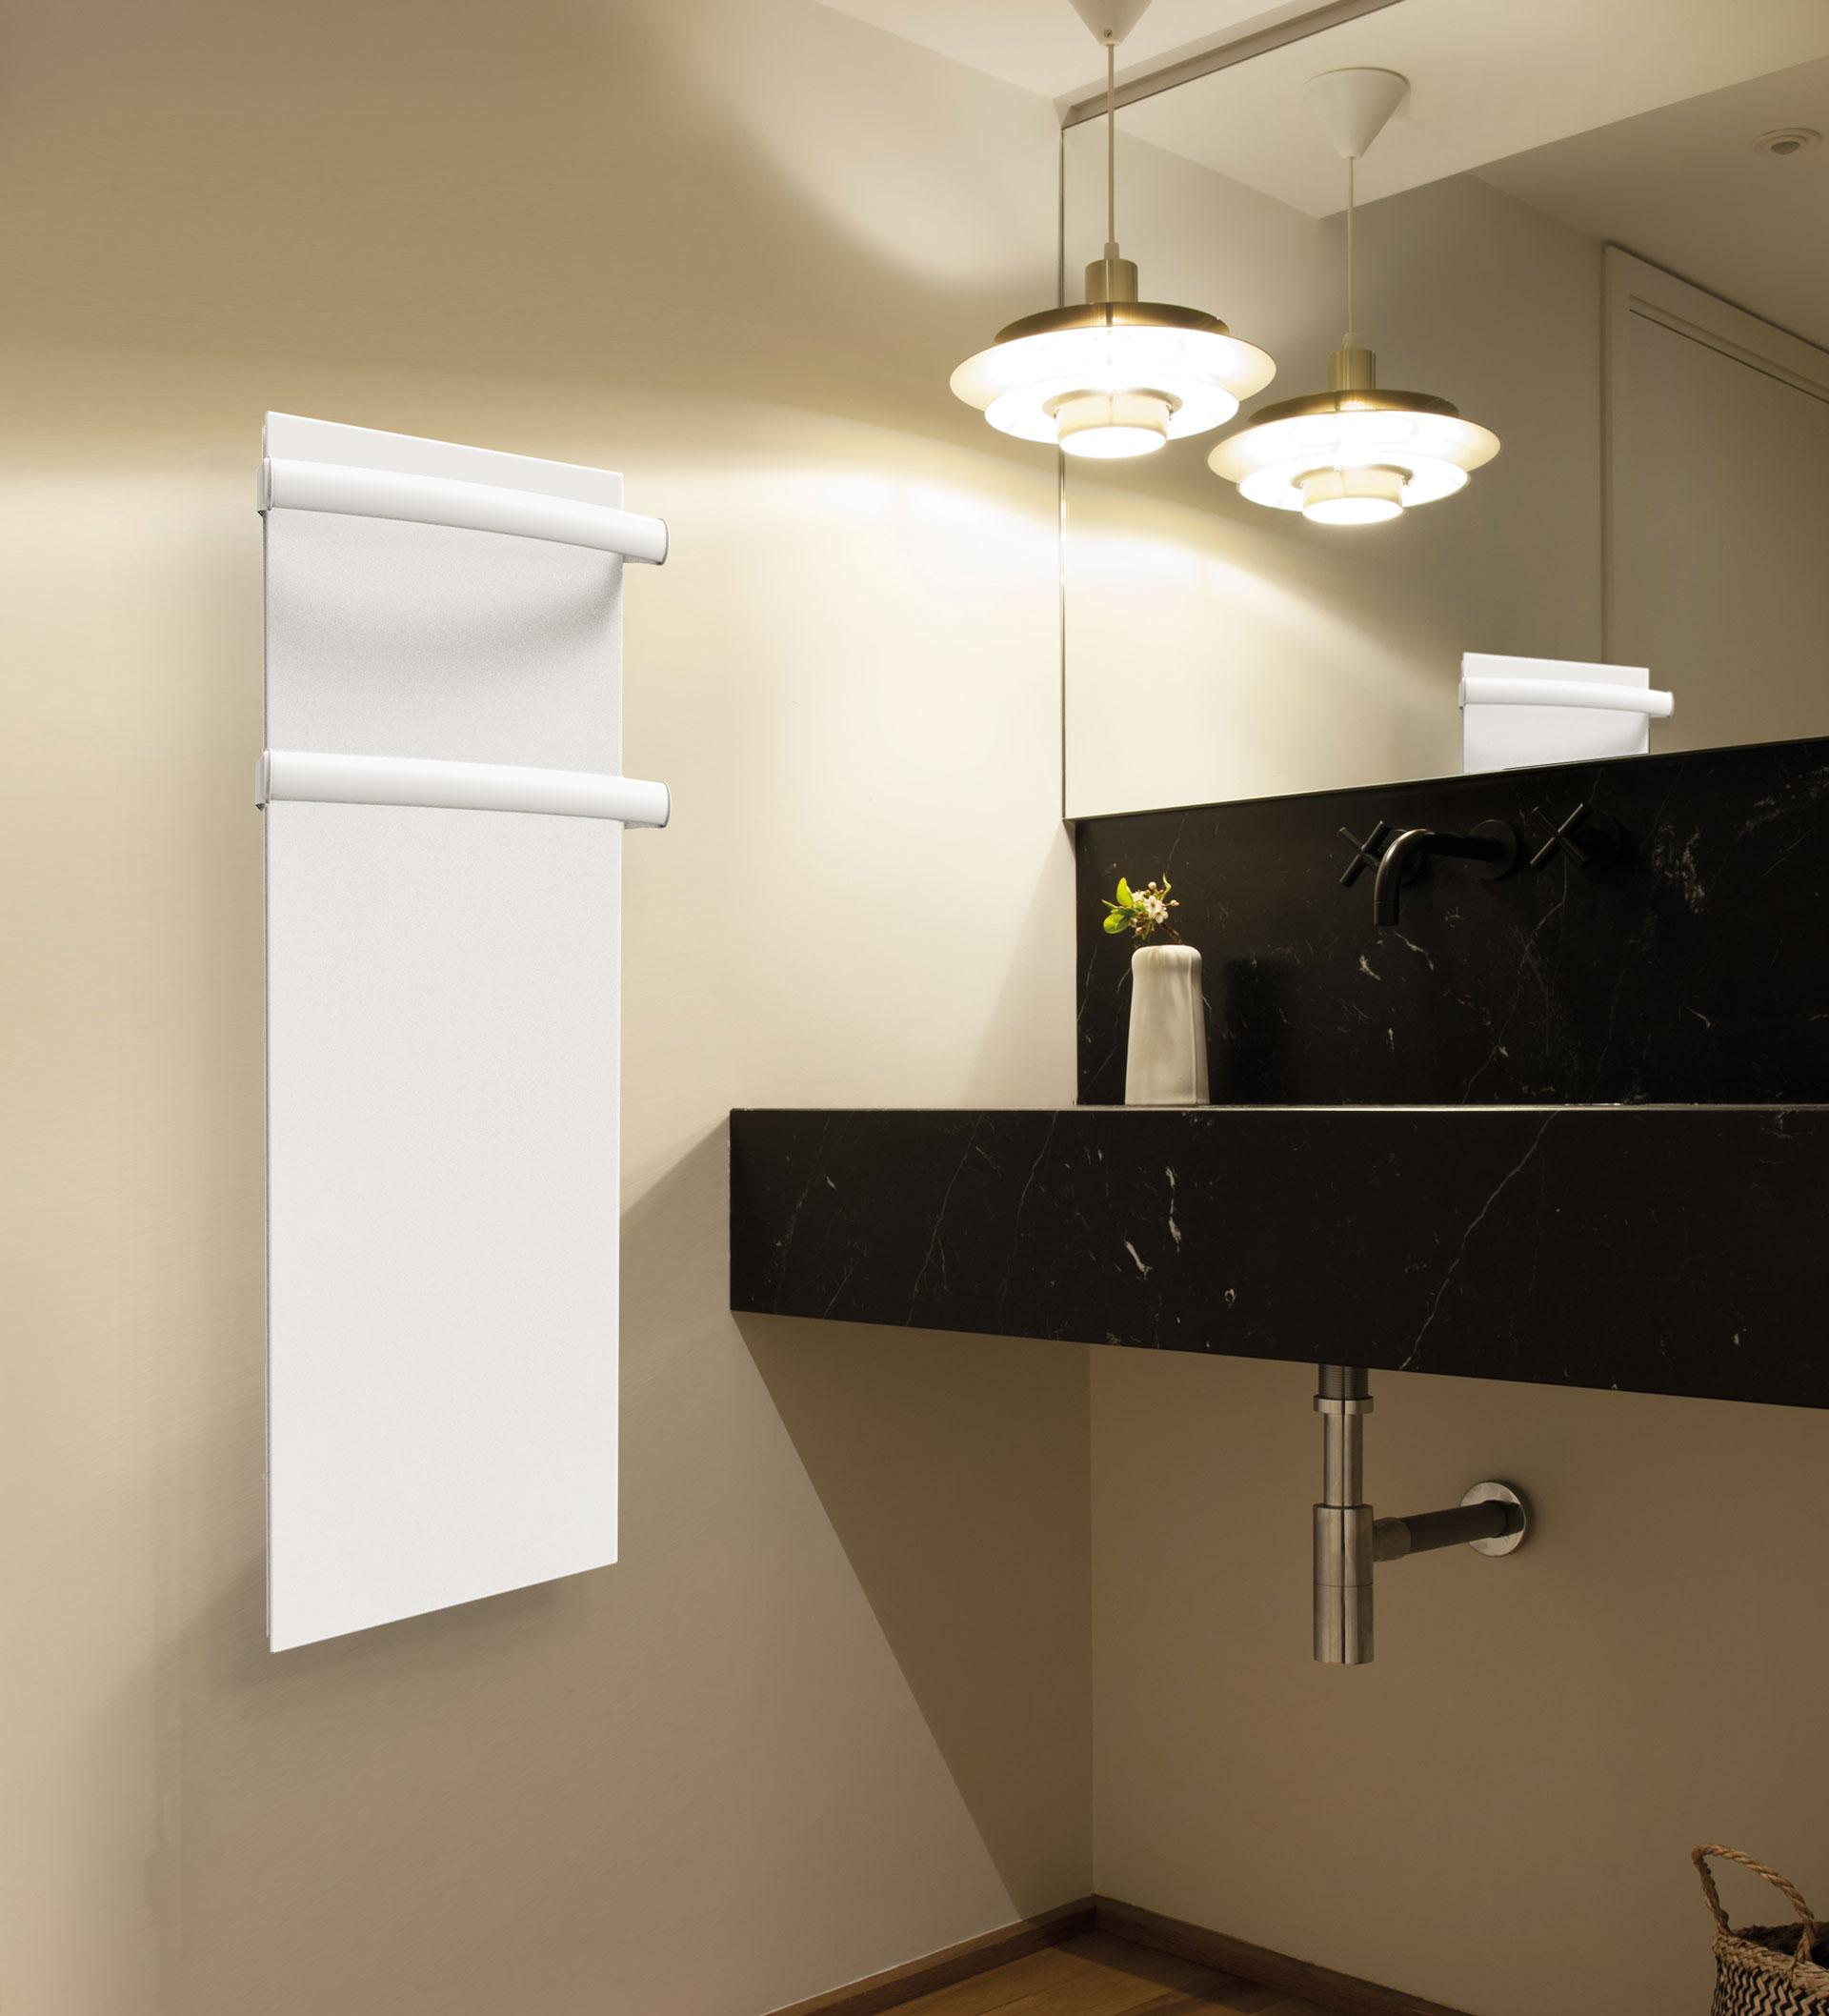 Campastyle bains 220.20 radiateur sèche-serviettes rayonnant et